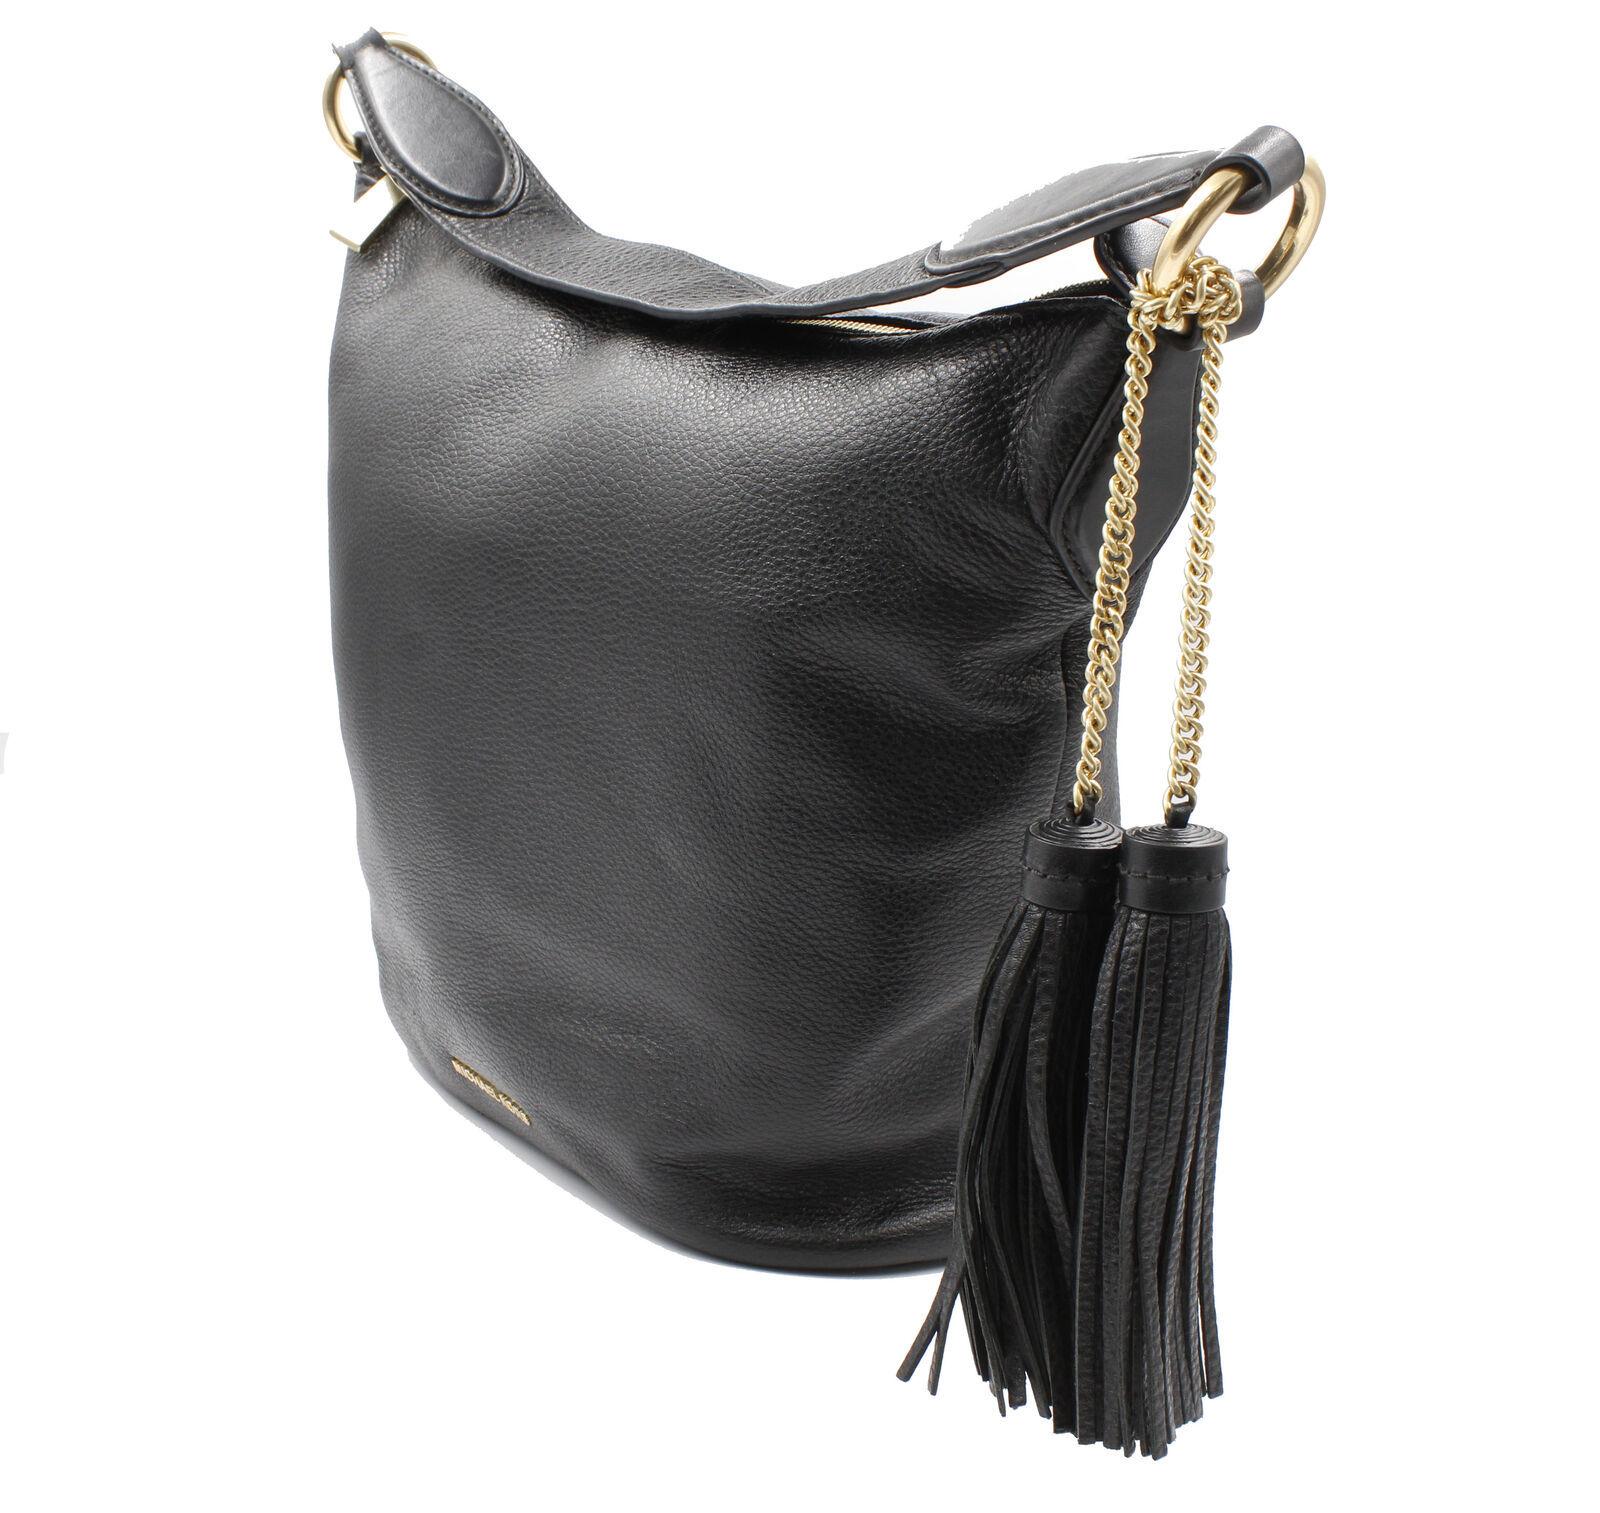 Michael Kors Black Leather Shoulder Womens Bag 30940